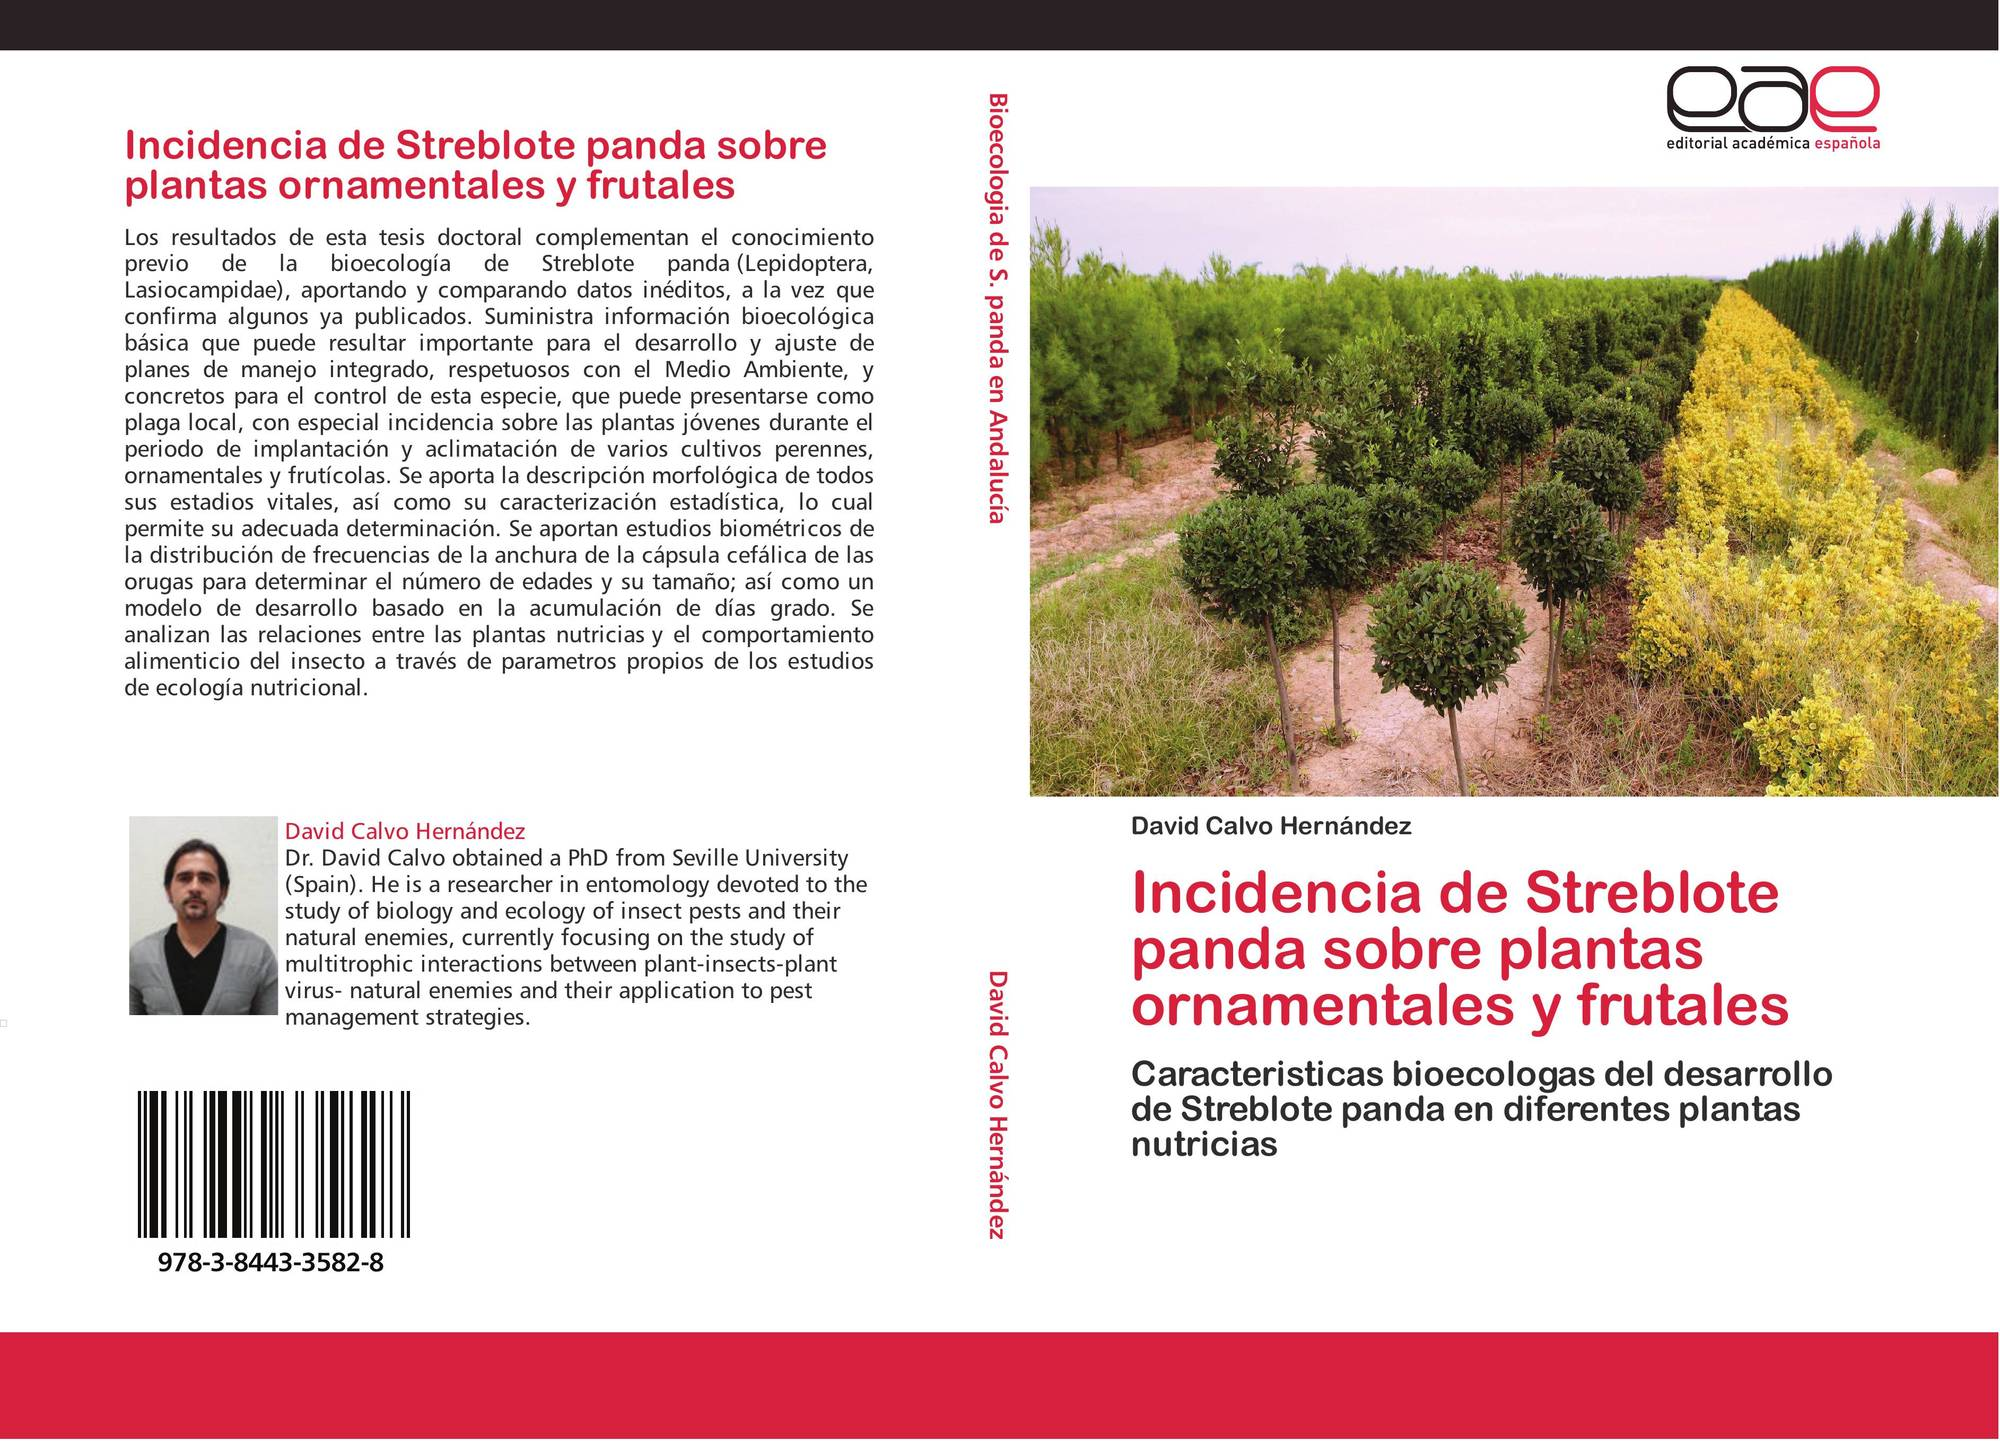 Incidencia de streblote panda sobre plantas ornamentales y for Caracteristicas de las plantas ornamentales